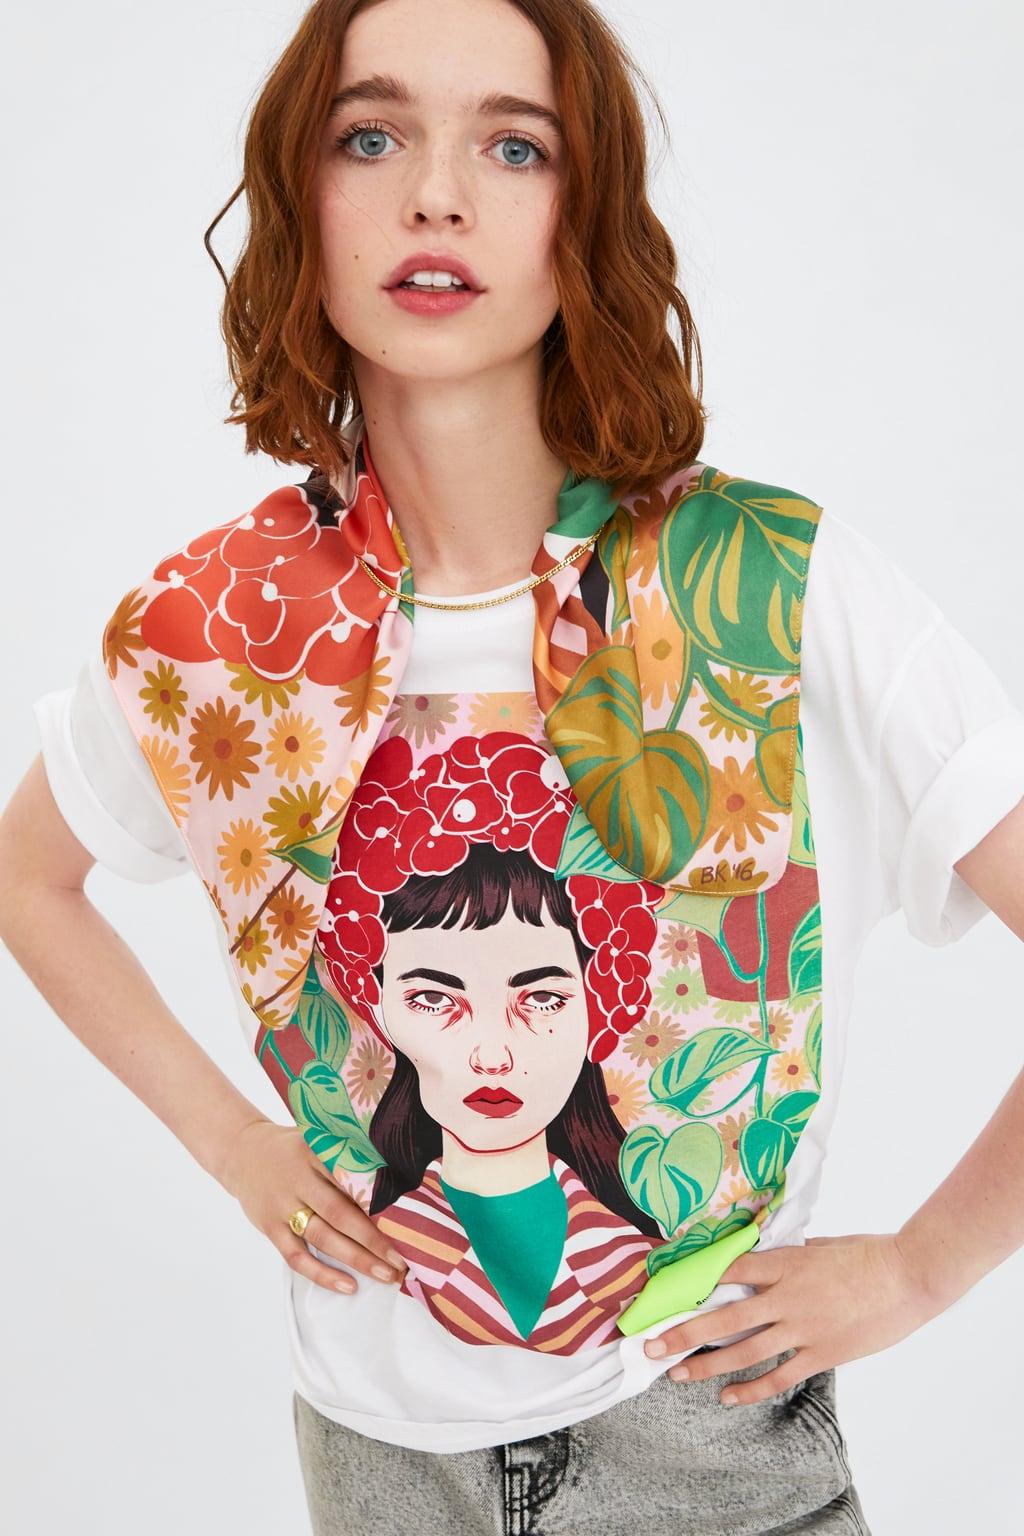 331837f2 Bijou Karman x Zara - Woman in Art Collection 2019 - POCKO